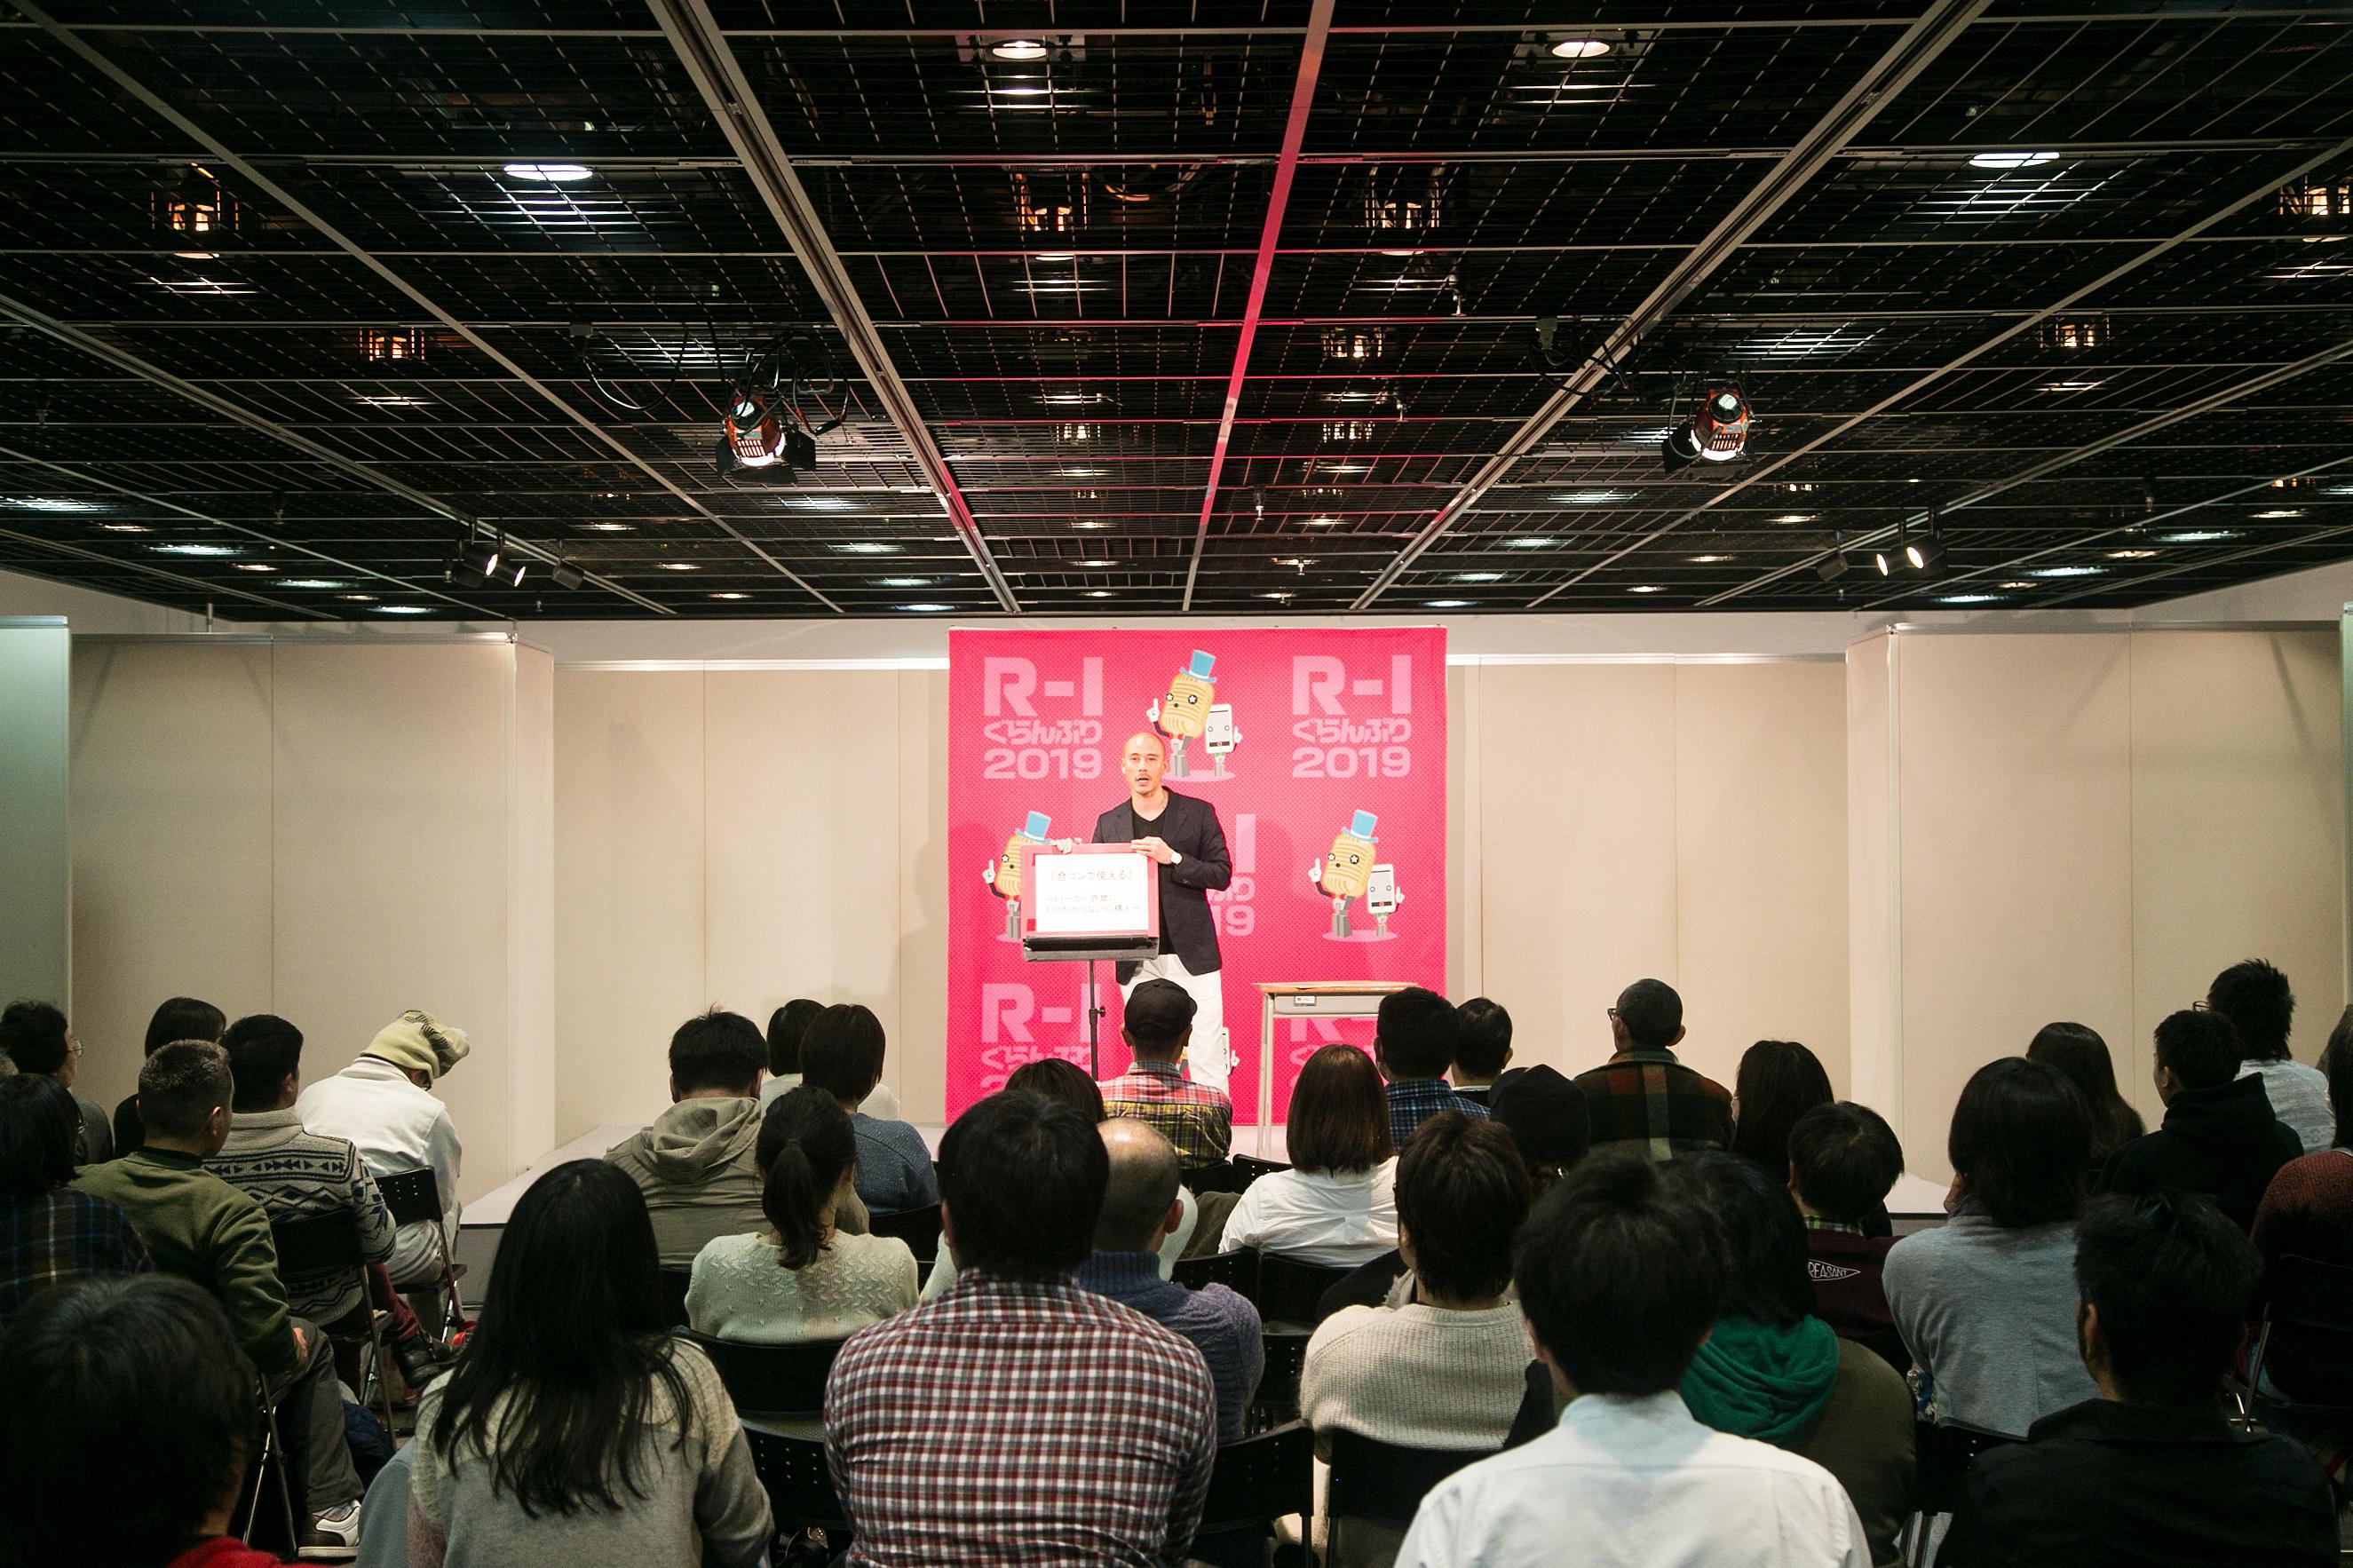 http://news.yoshimoto.co.jp/20190106003426-236a4d921fa4114cb92e9fa568ac985c1f78694d.jpg